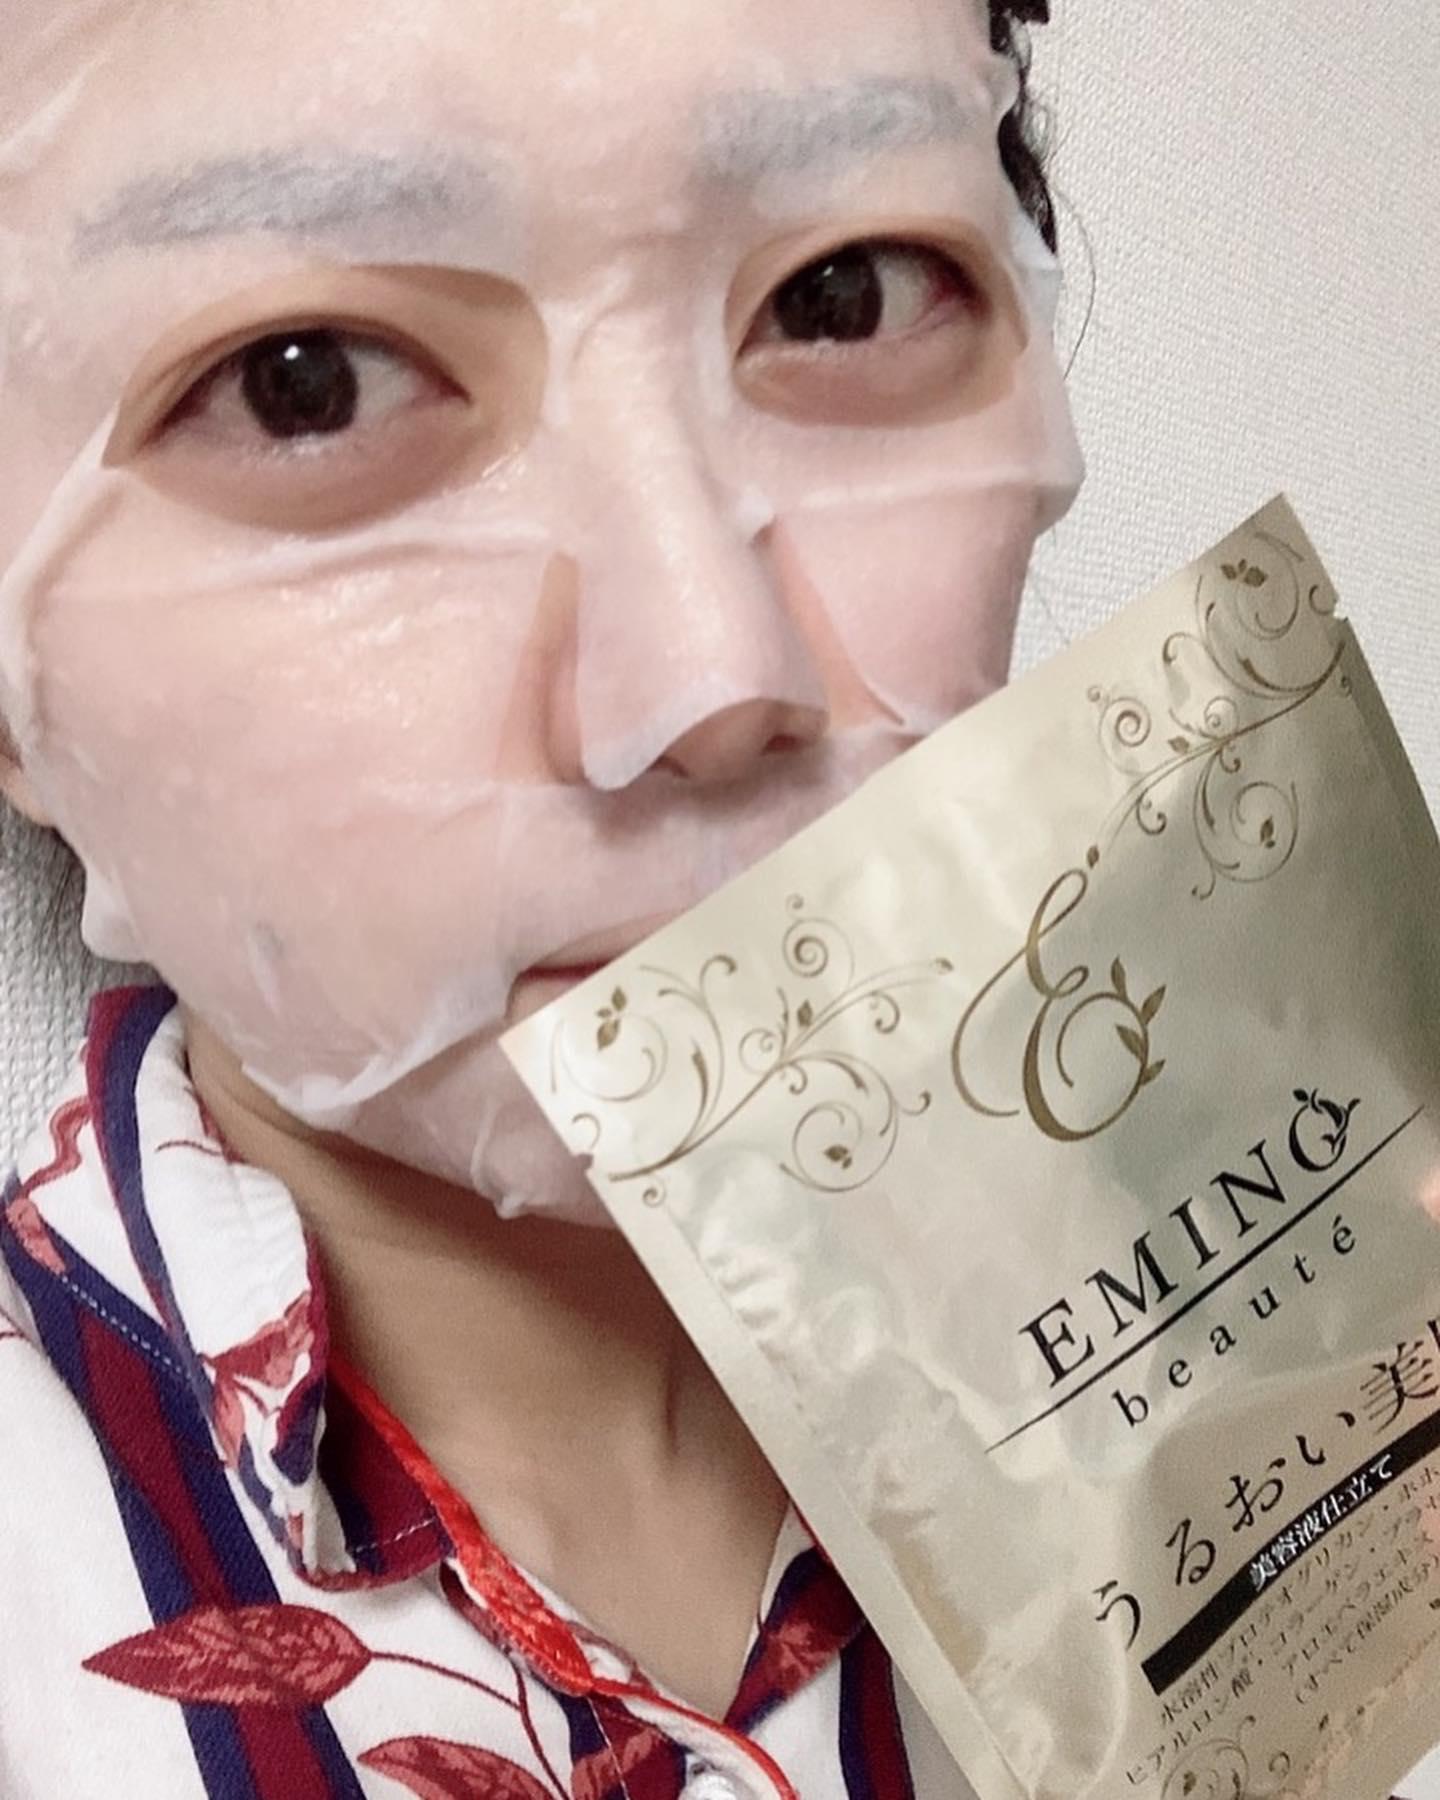 口コミ投稿:エミーノボーテ モイスチャーリッチフェイスマスク使ってみました!みなさん最近お…